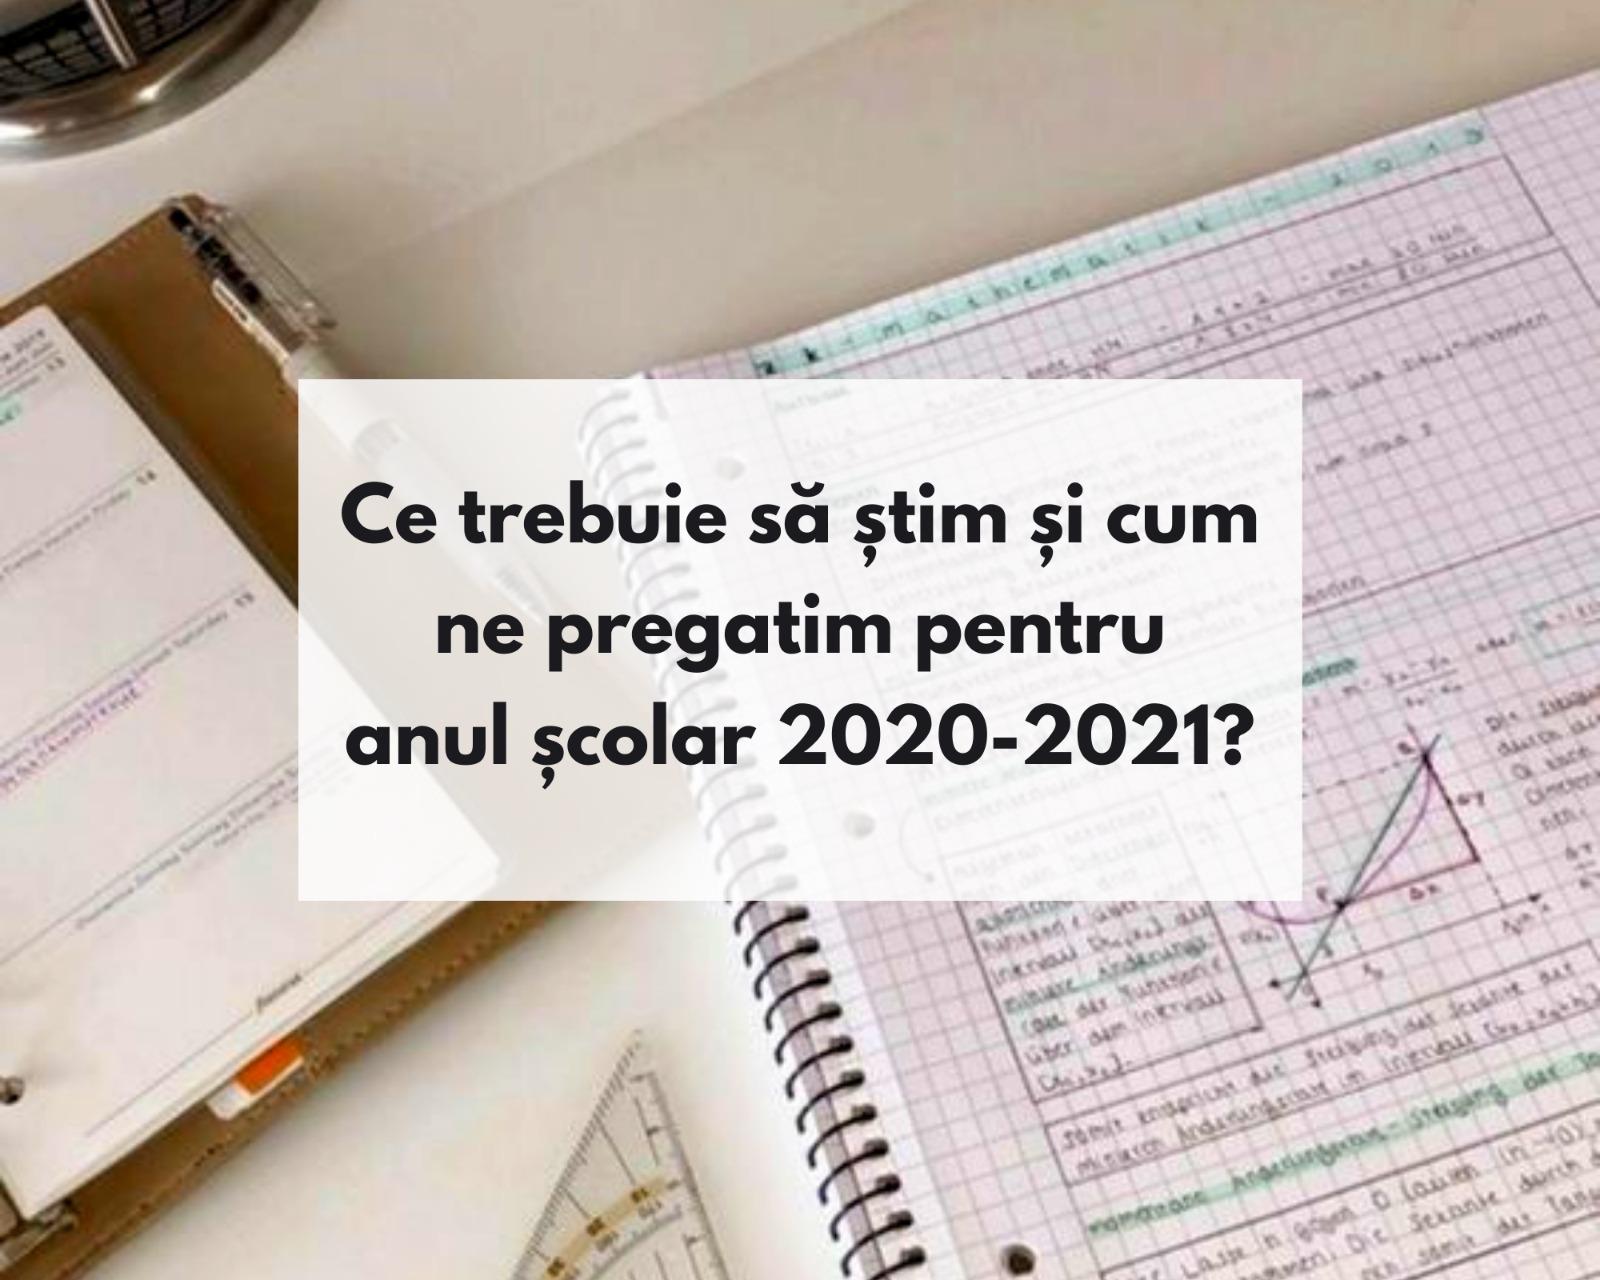 Ce trebuie să știm și cum ne pregătim pentru anul școlar 2020-2021